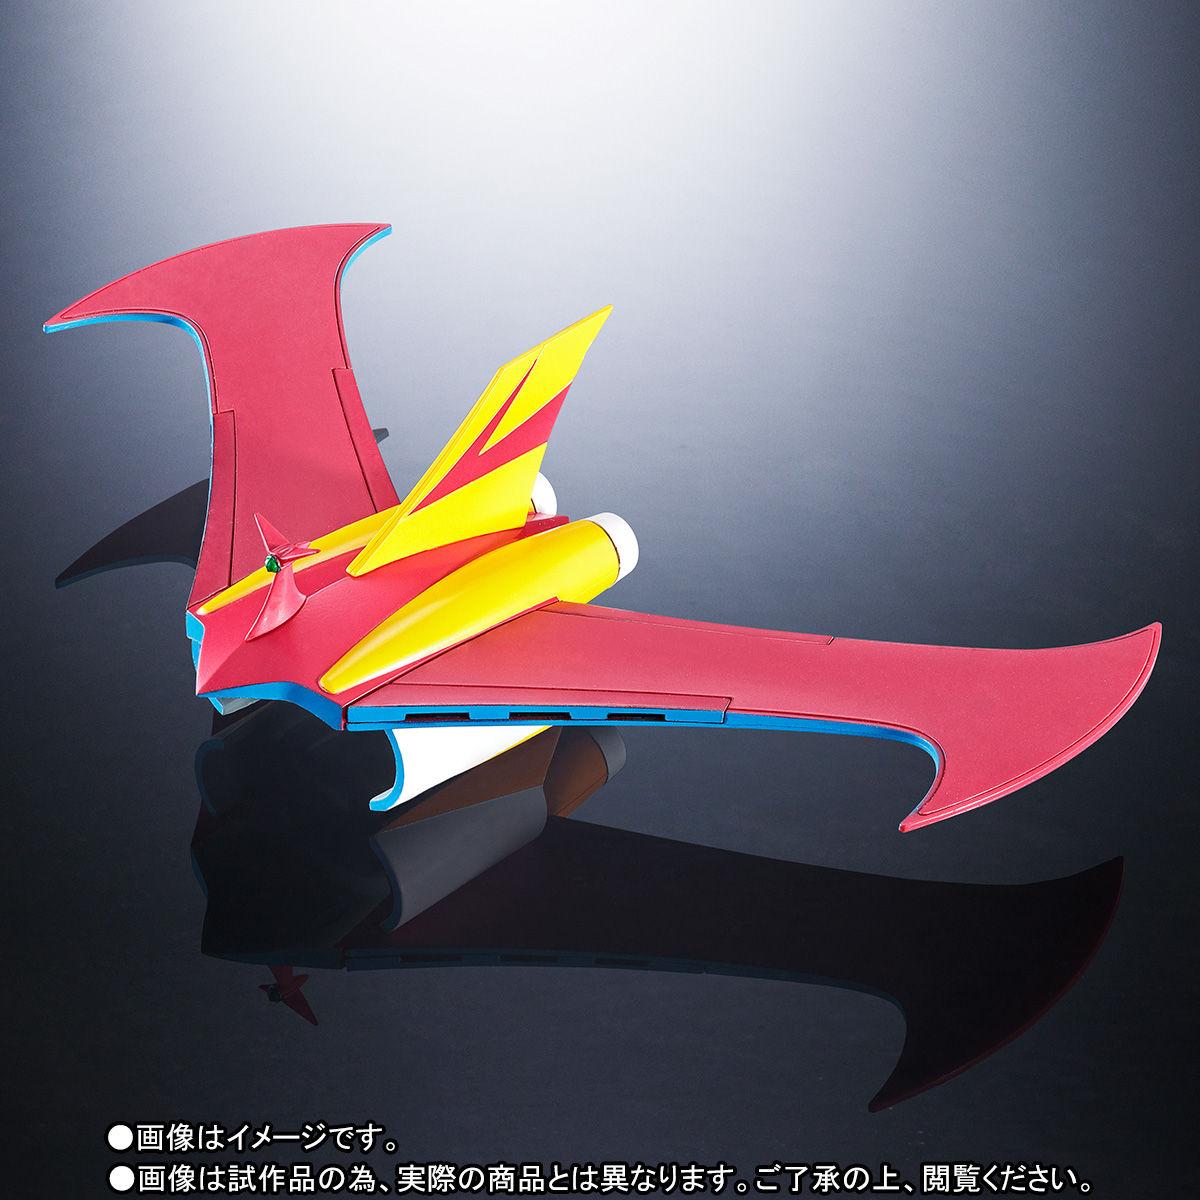 超合金魂 GX-70SP『マジンガーZ D.C. アニメカラーバージョン』可動フィギュア-006